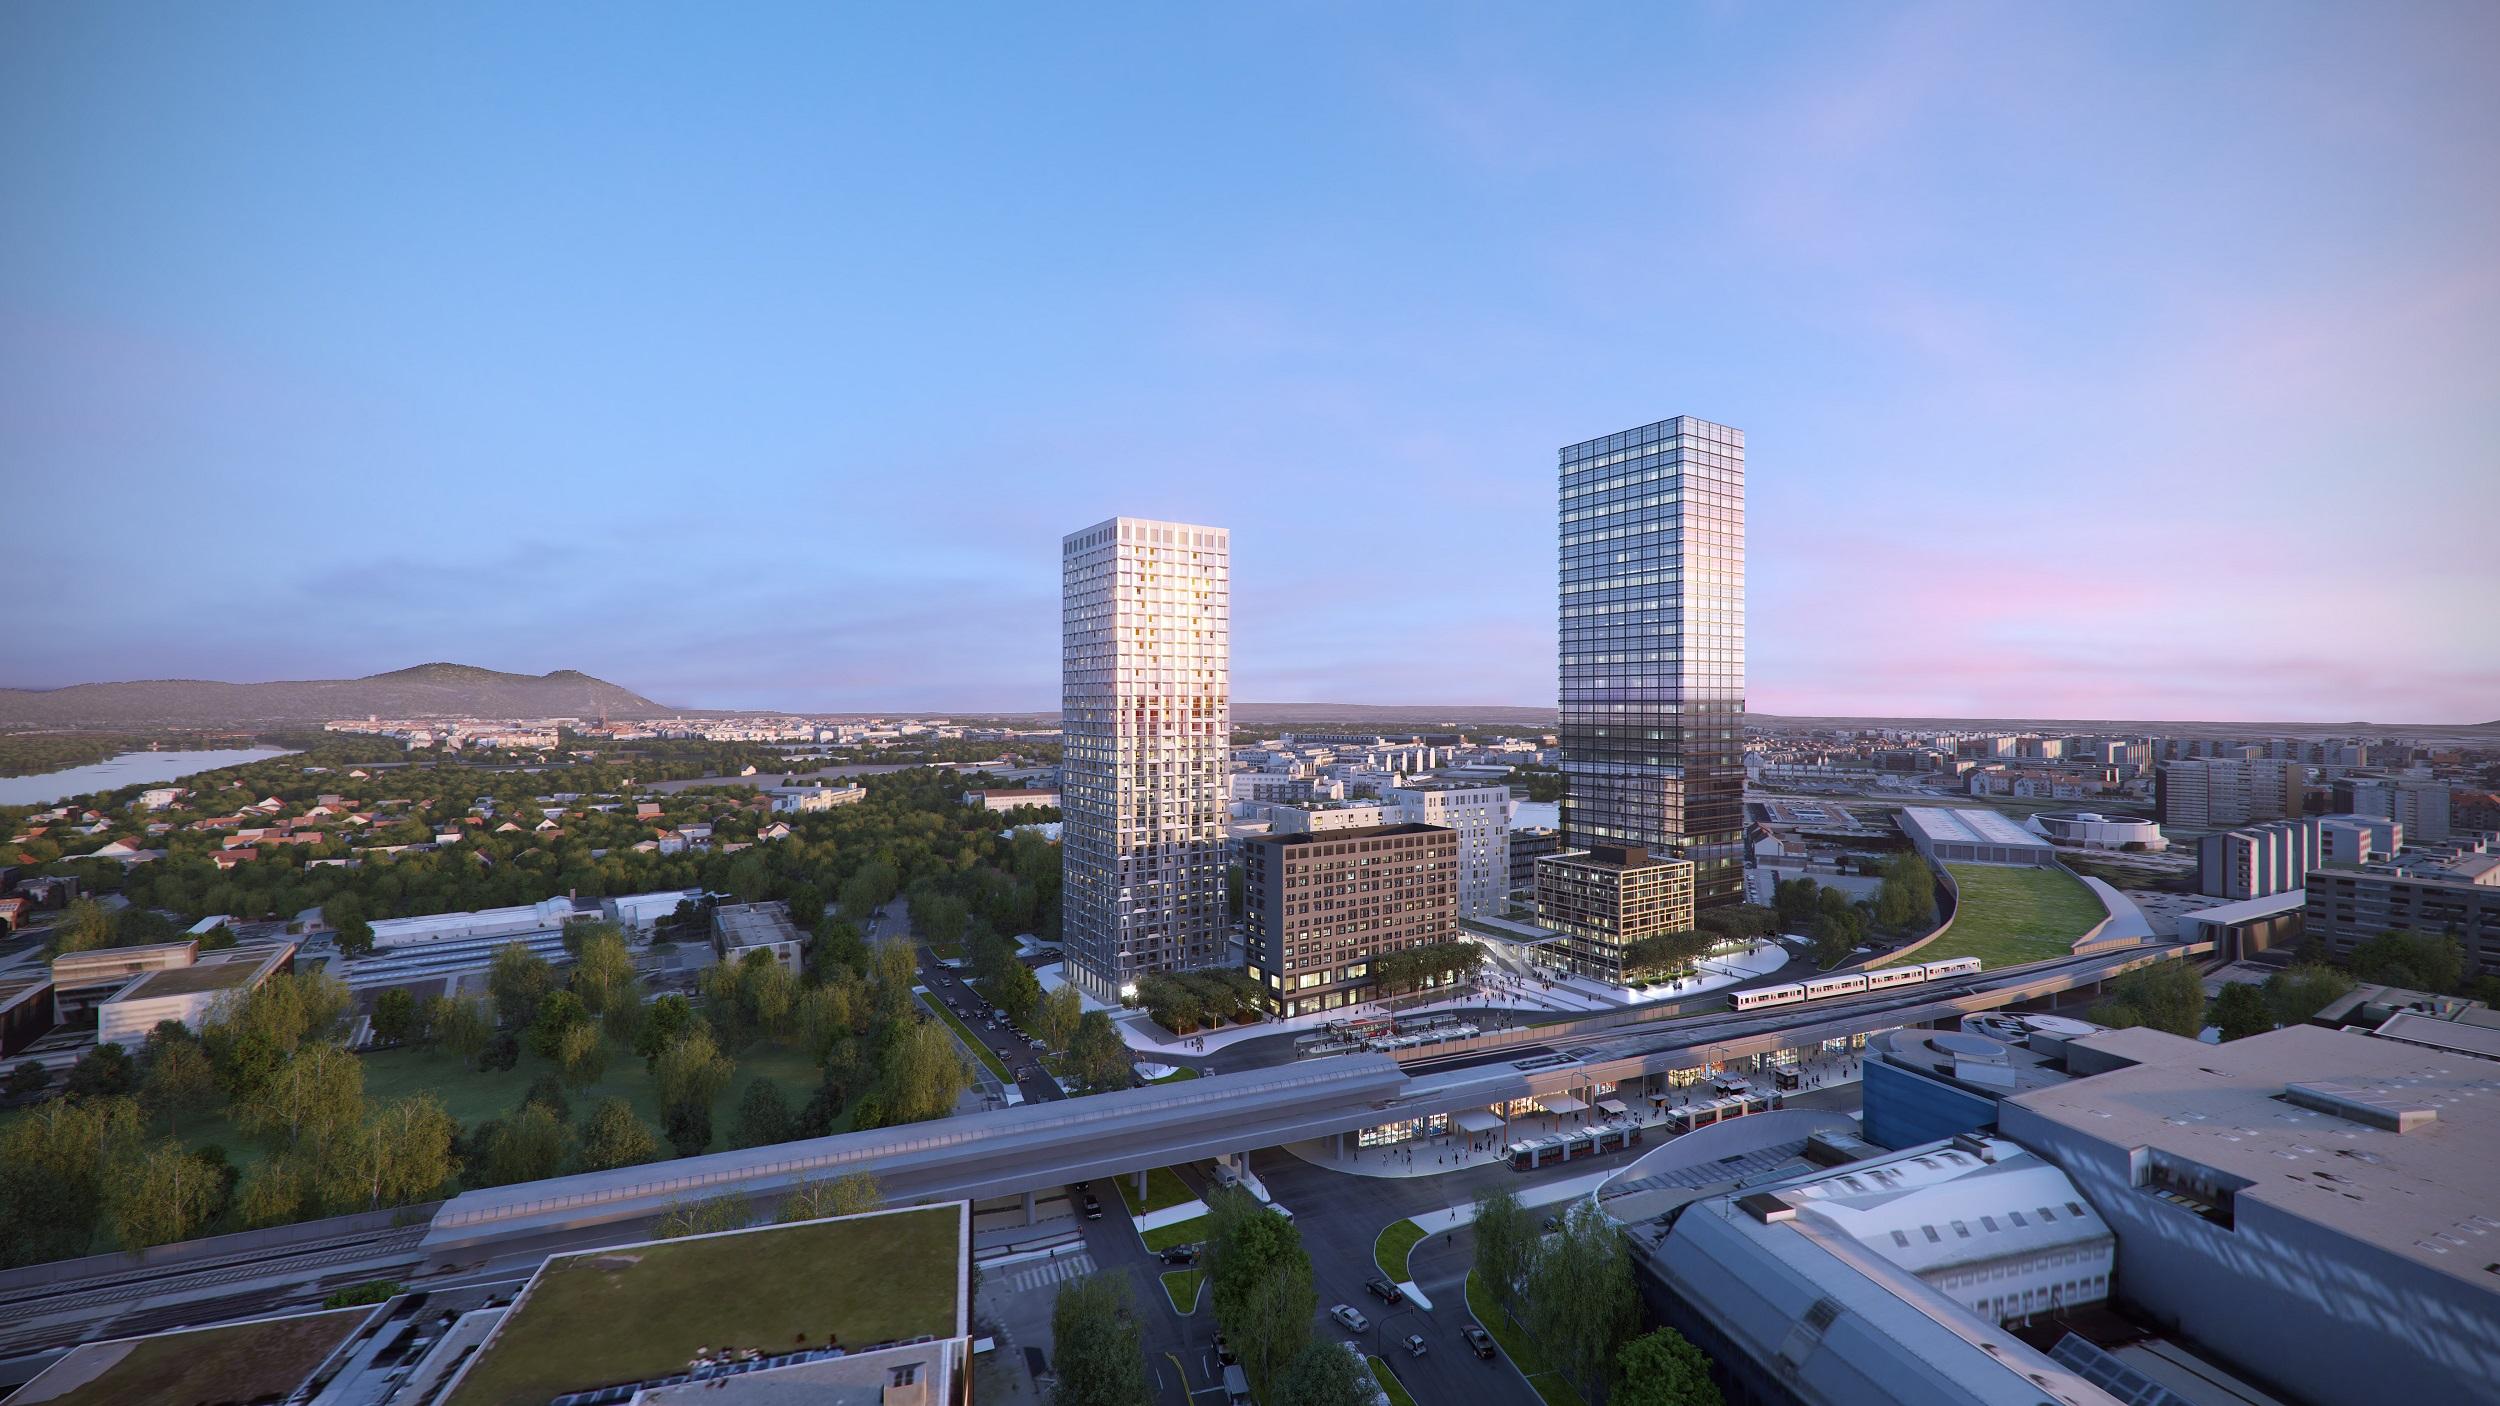 Baubeginn für Quartiersentwicklung